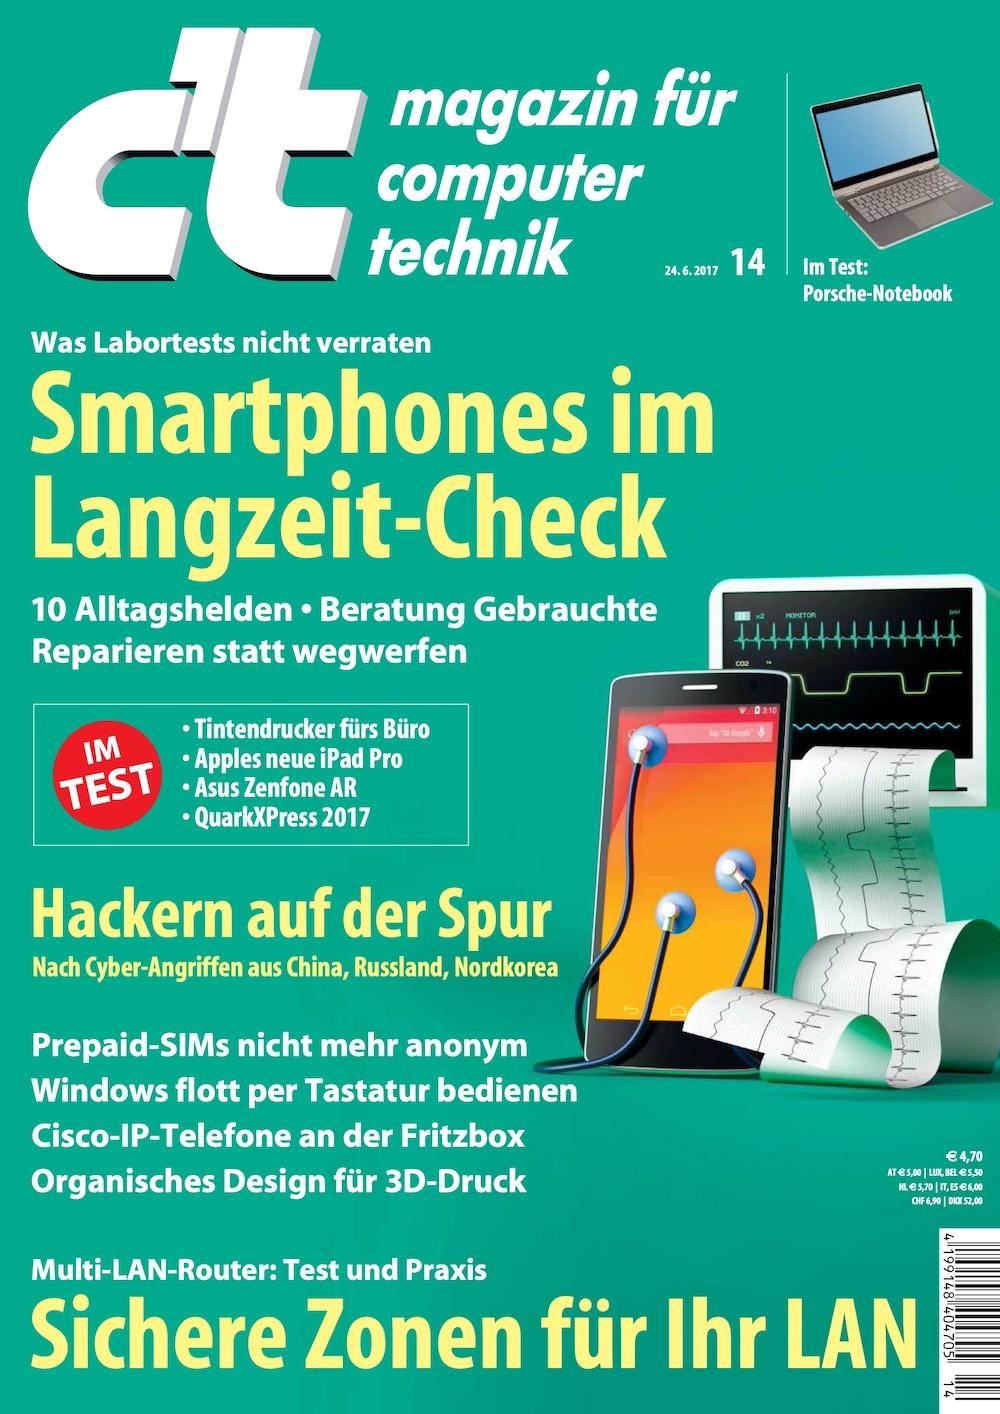 c't Magazin 2017-14